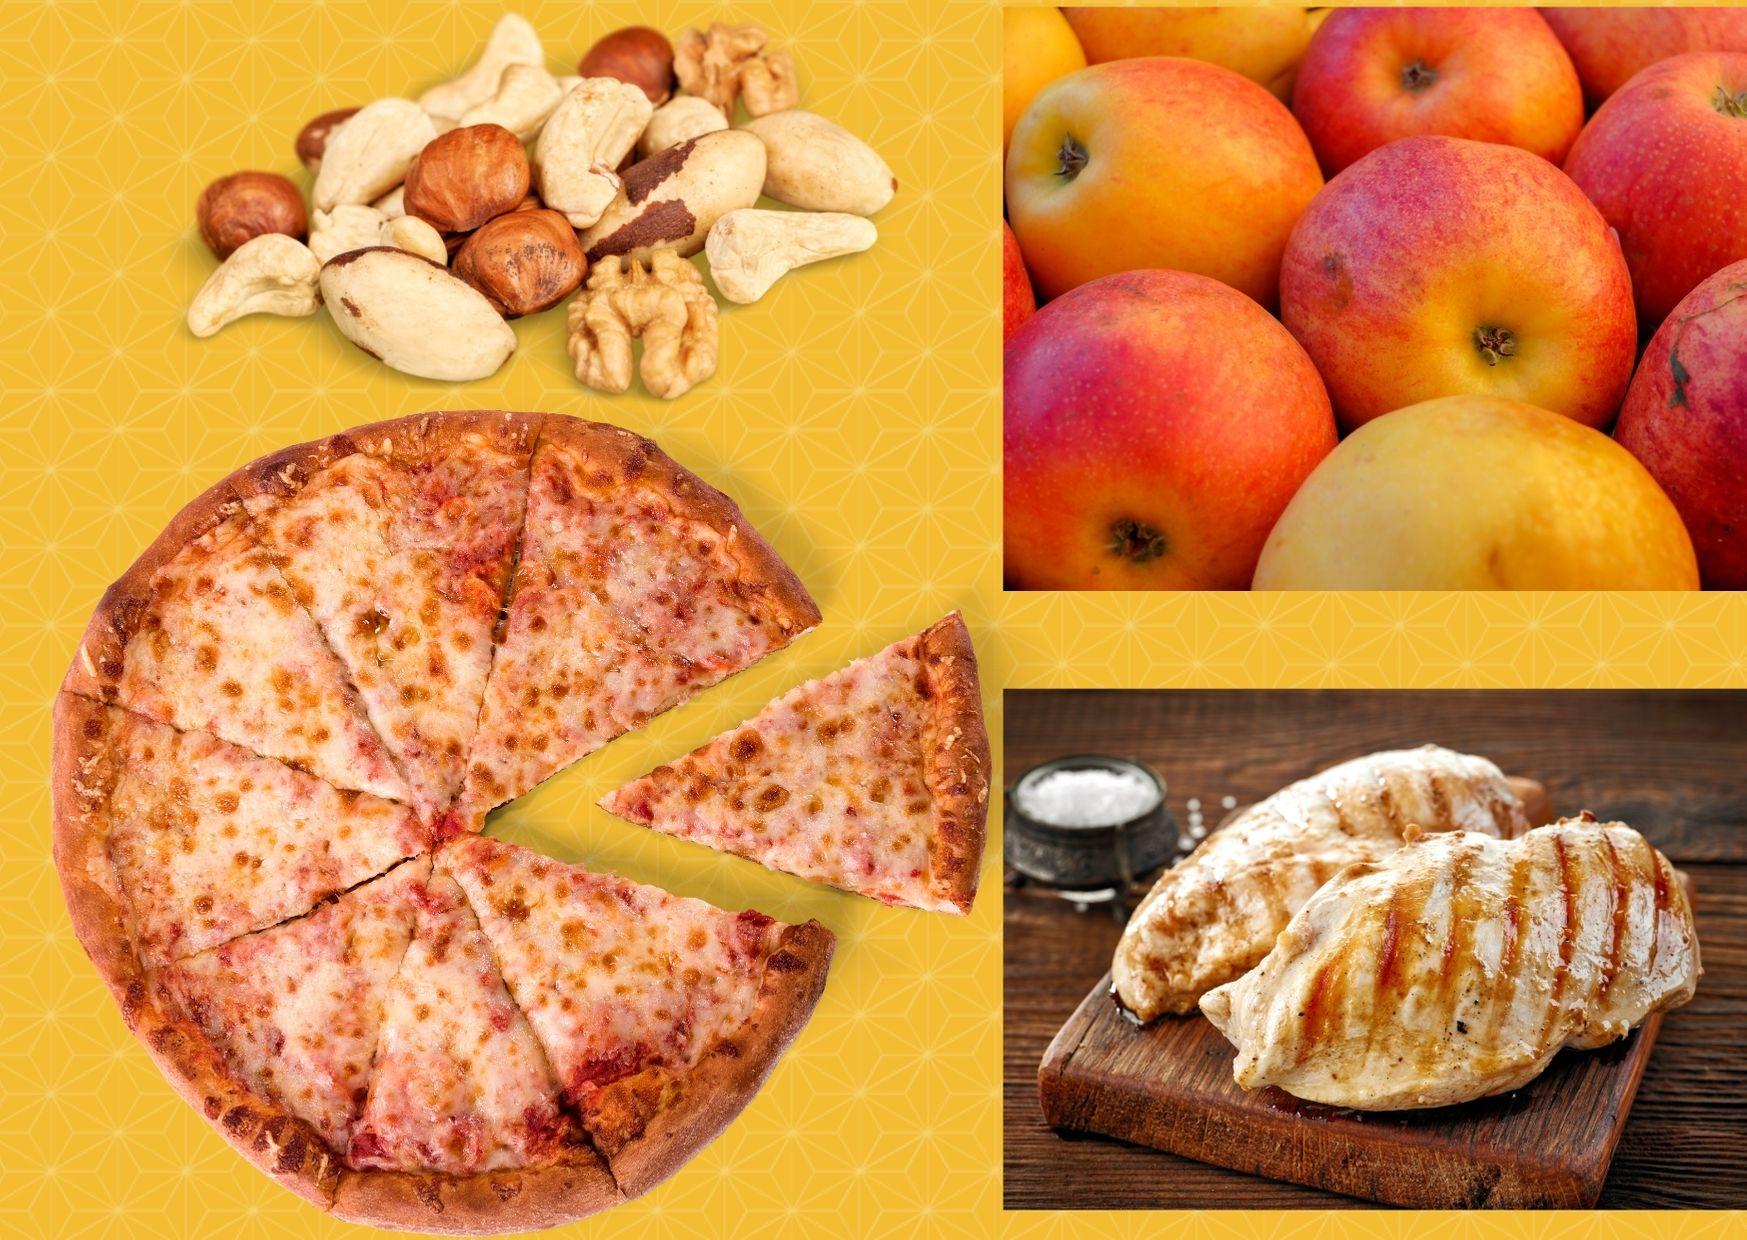 Pizza agridulce de pollo, manzanas y nueces